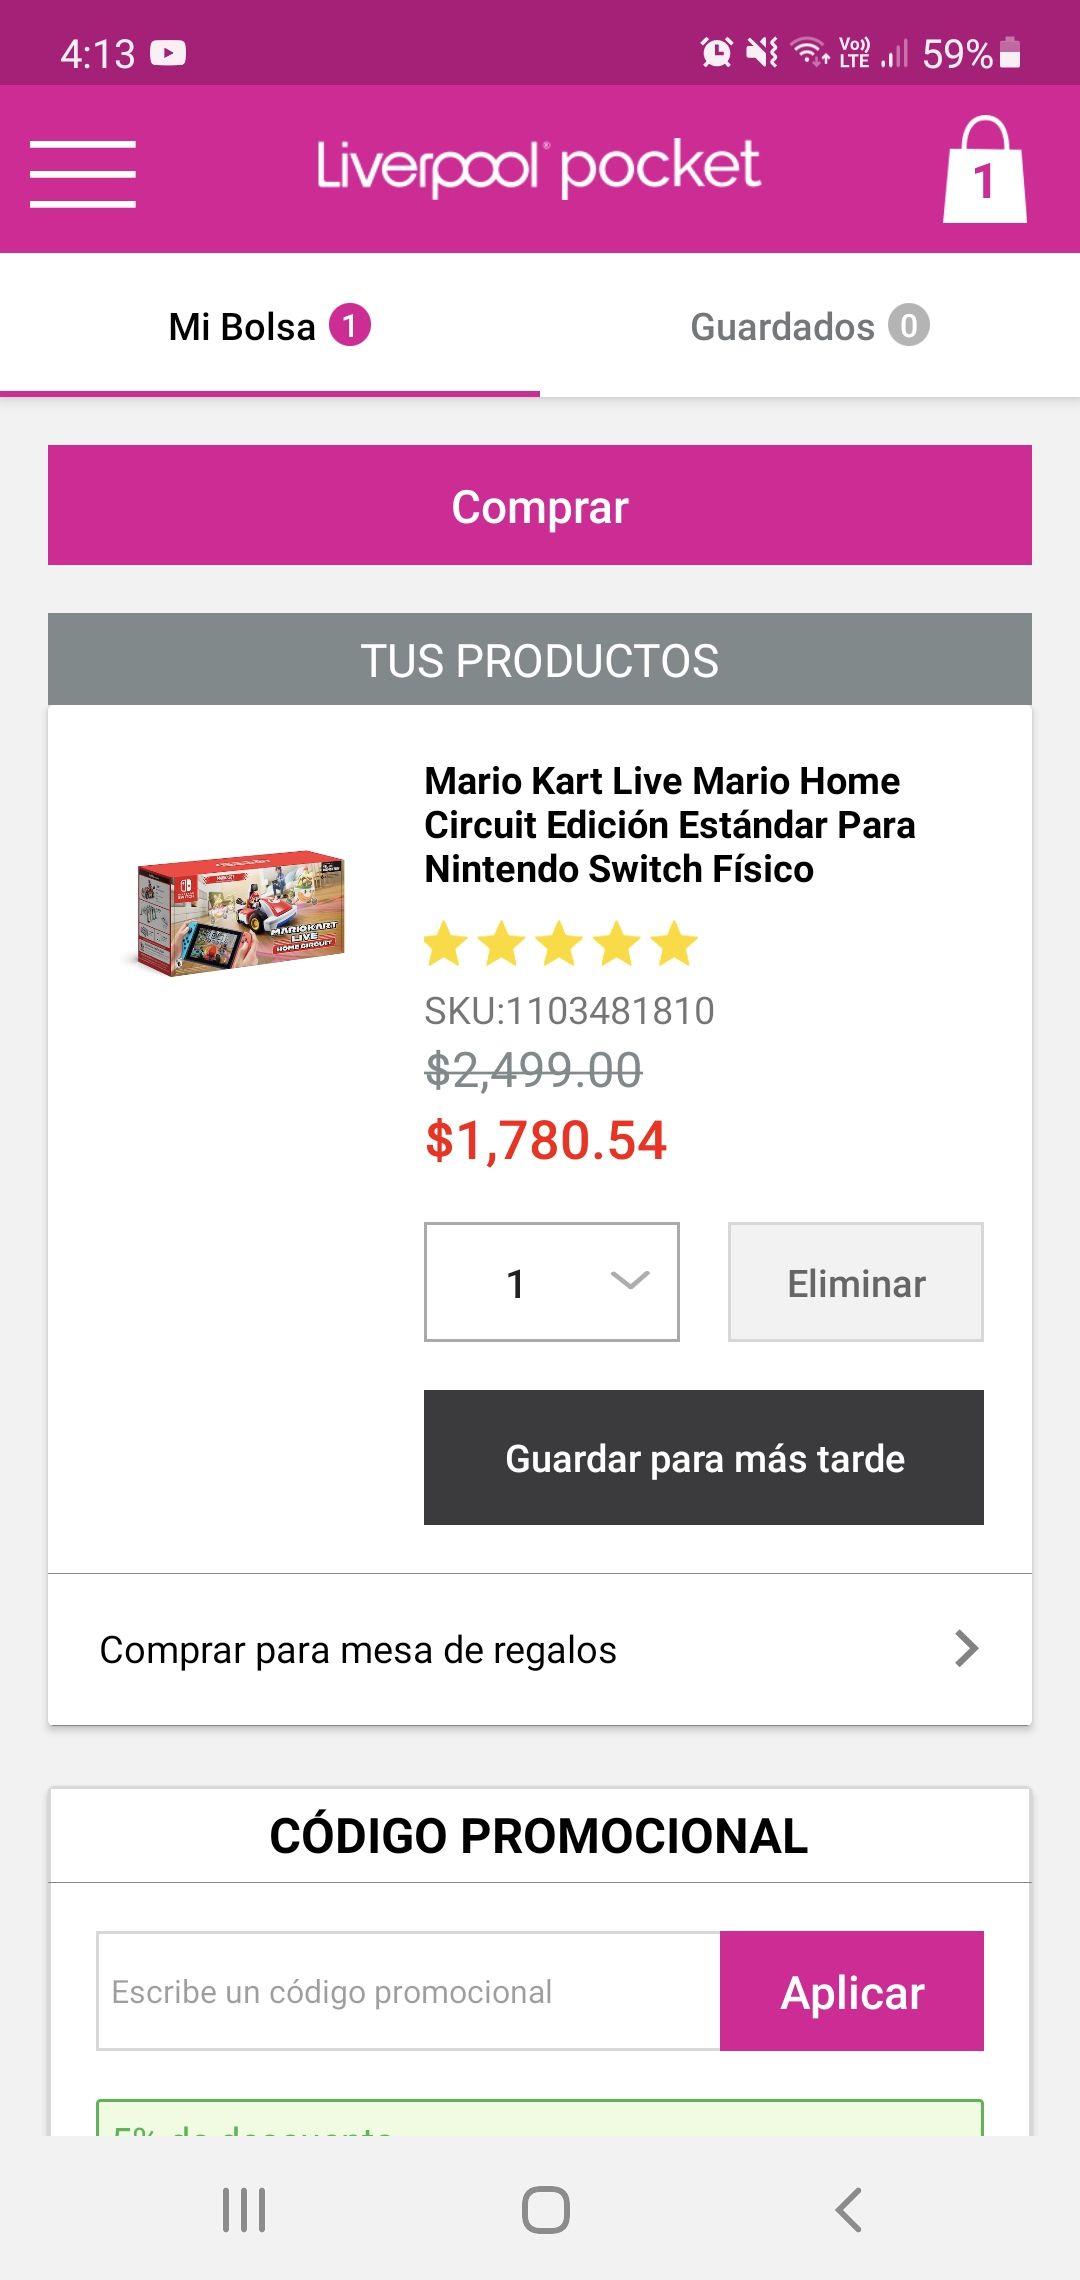 Liverpool: Mario Kart Live Home Circuit Mario ( con cupon pocketmenos5 se llega a los 1780.54 )